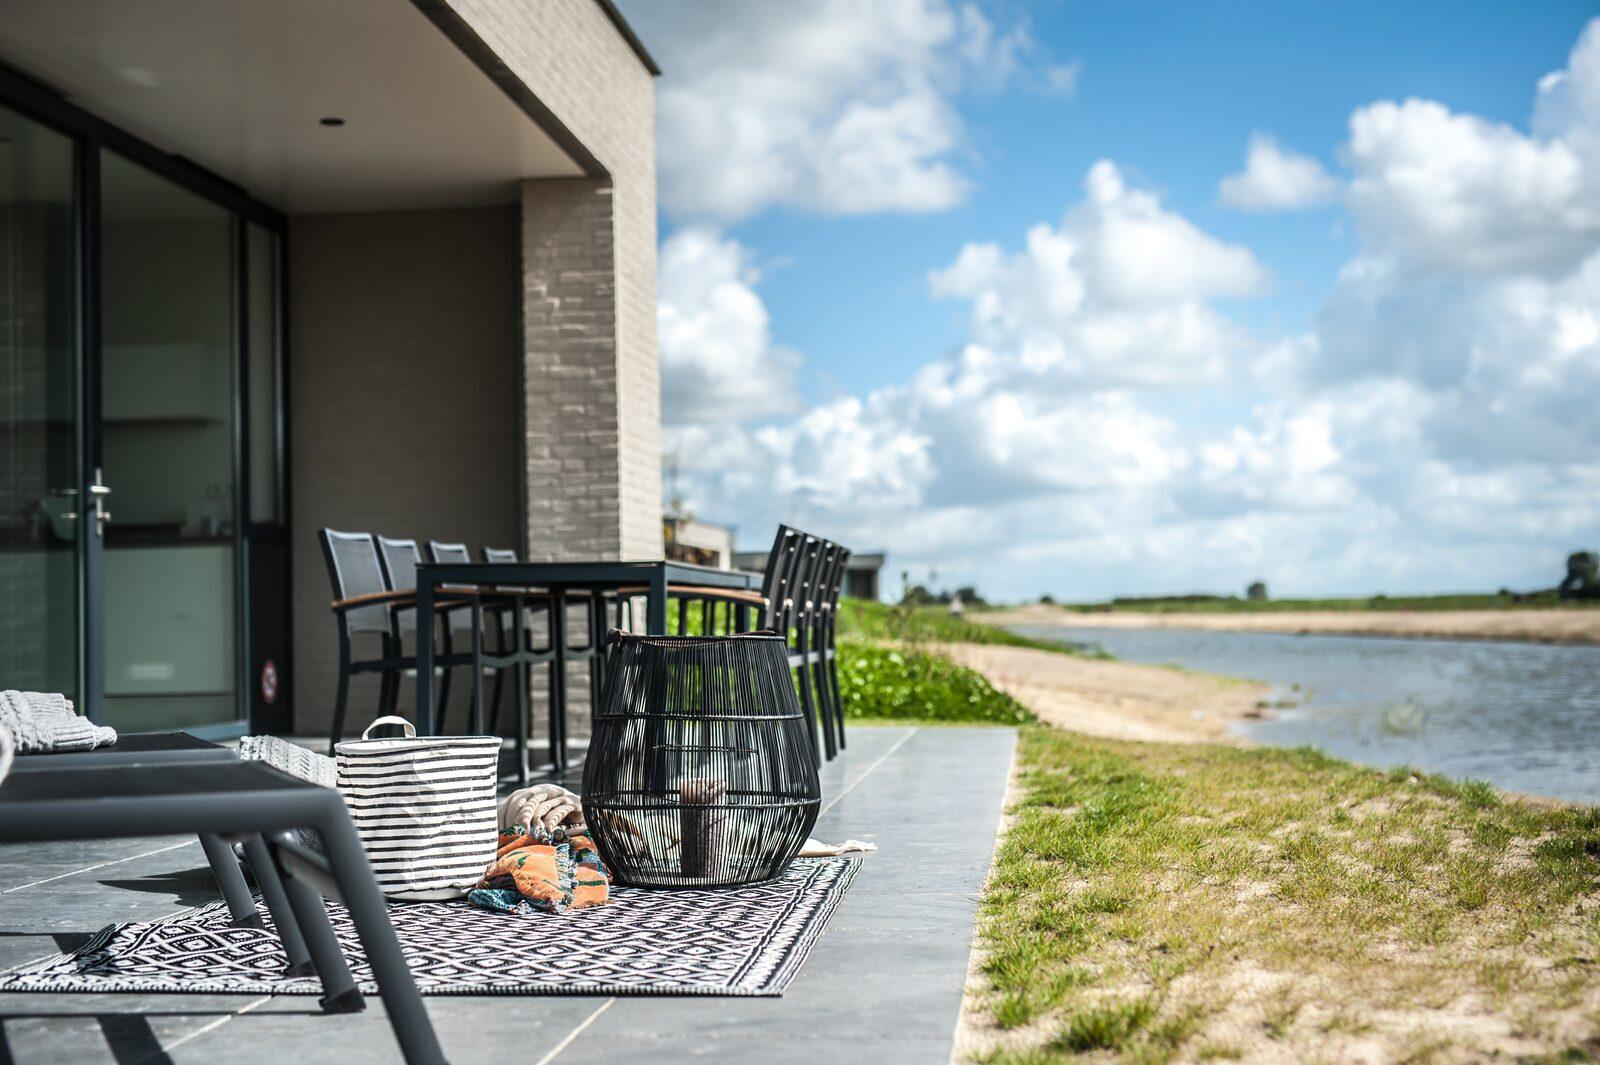 Luxus-Ferienhaus waterlijn 40 de groote duynen